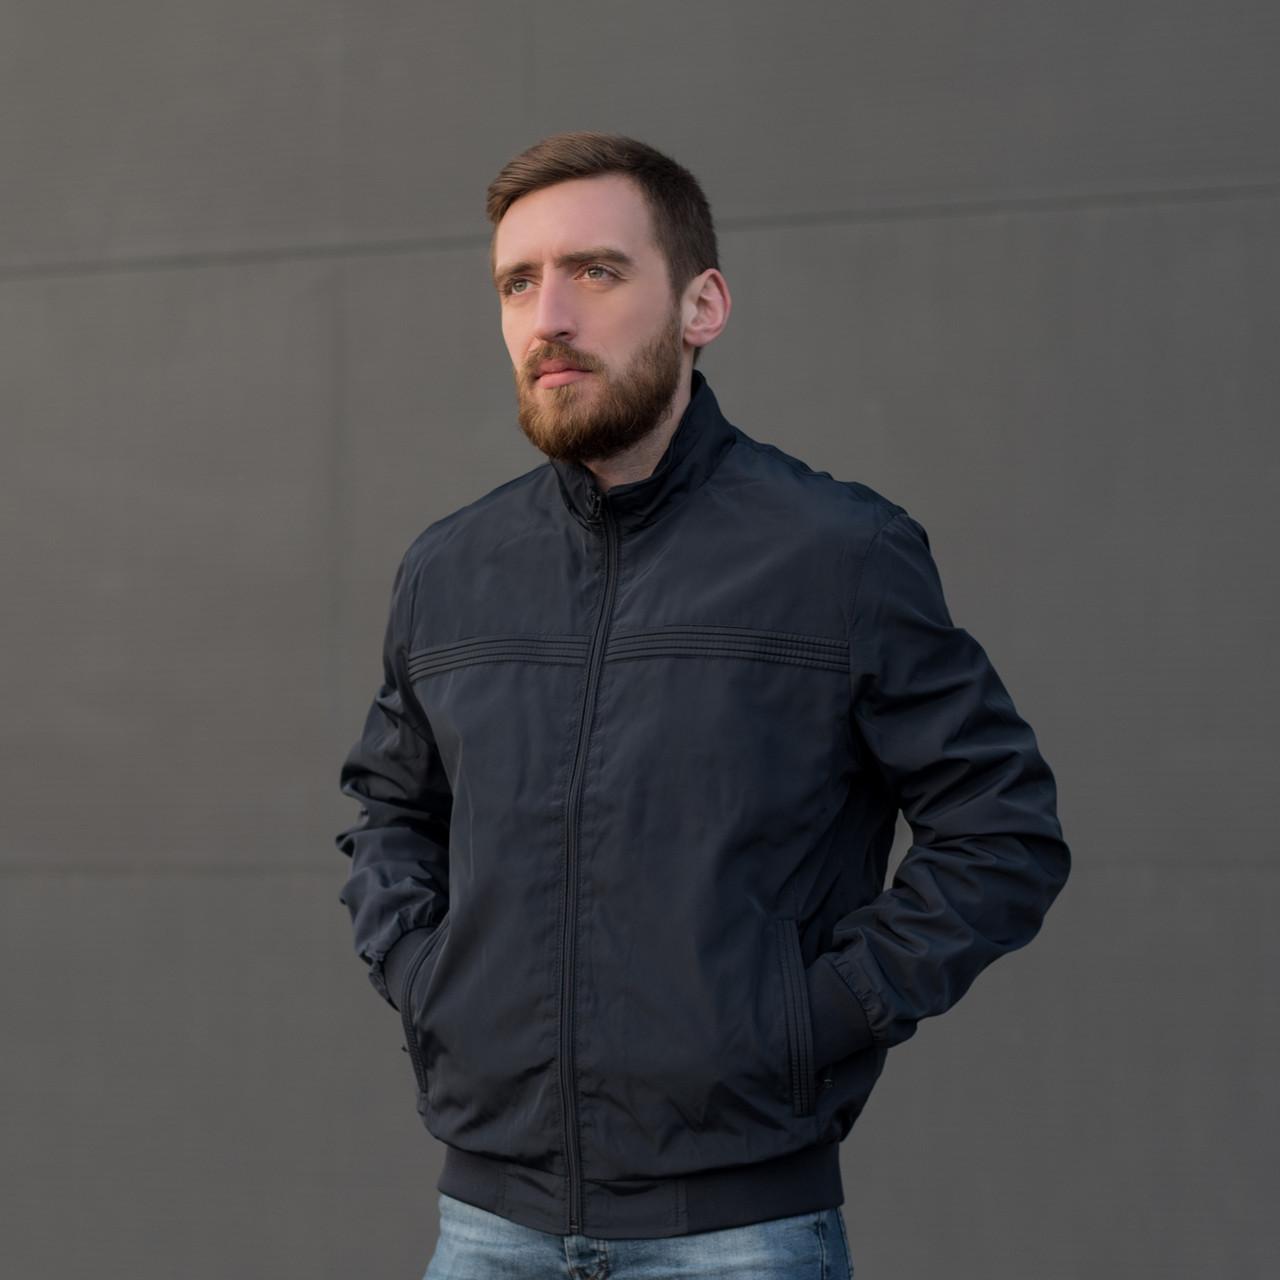 Чоловіча куртка (вітрівка) синього кольору.